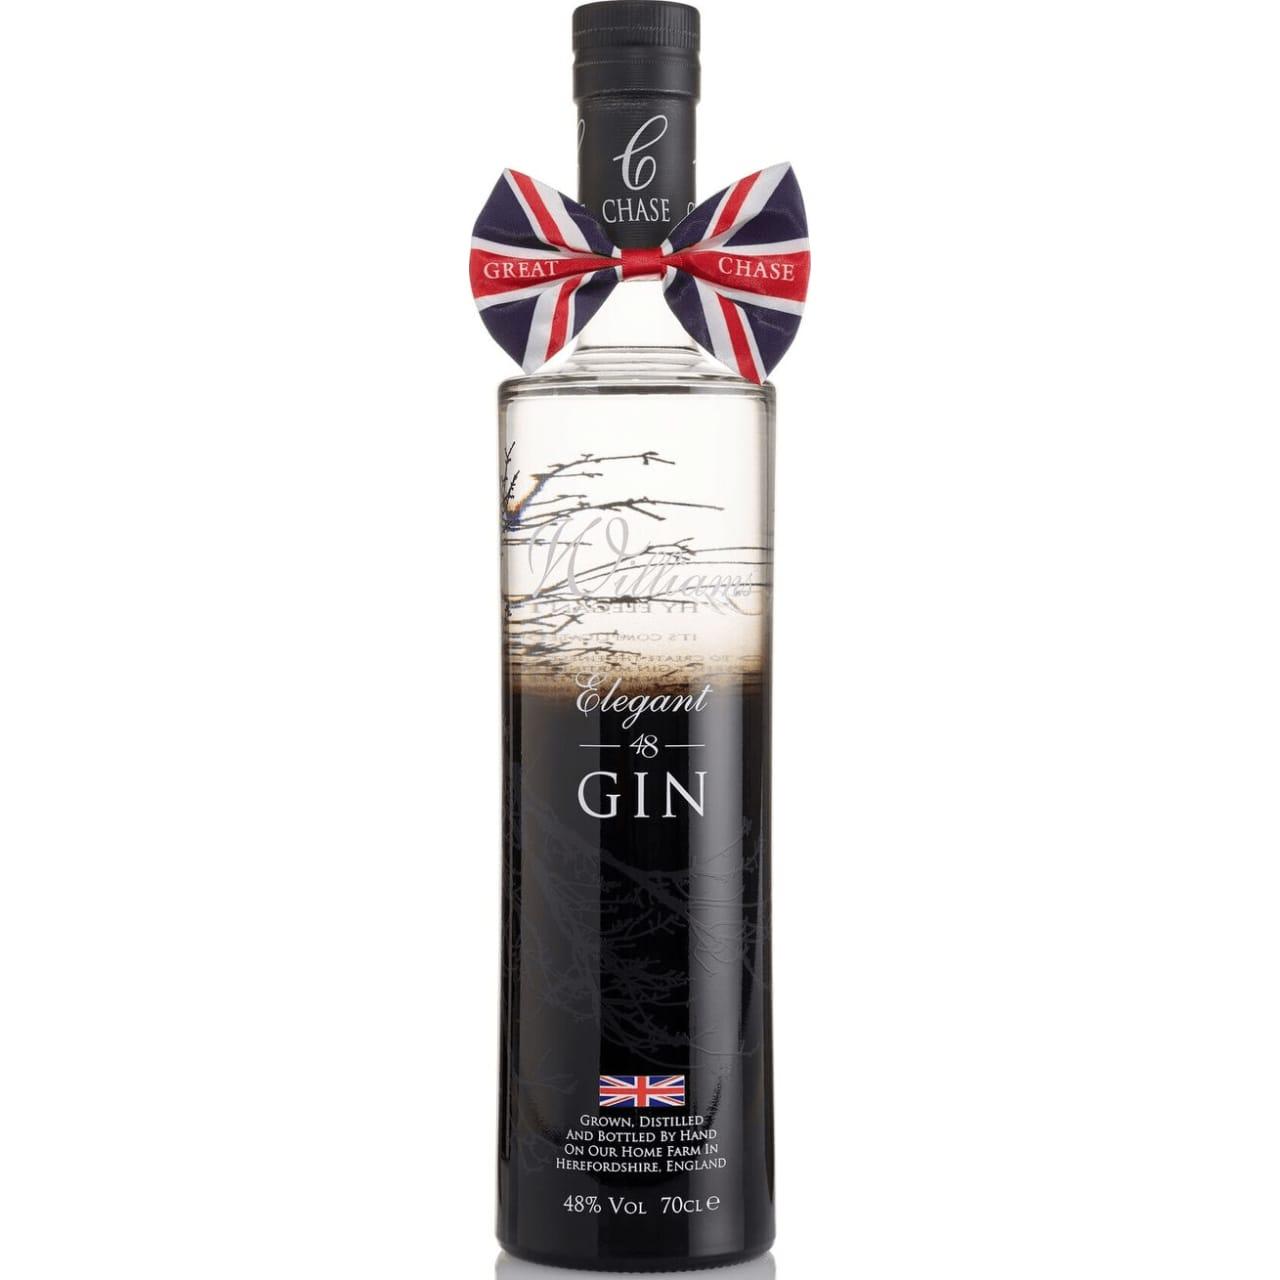 Product Image - William's Elegant 48 Gin